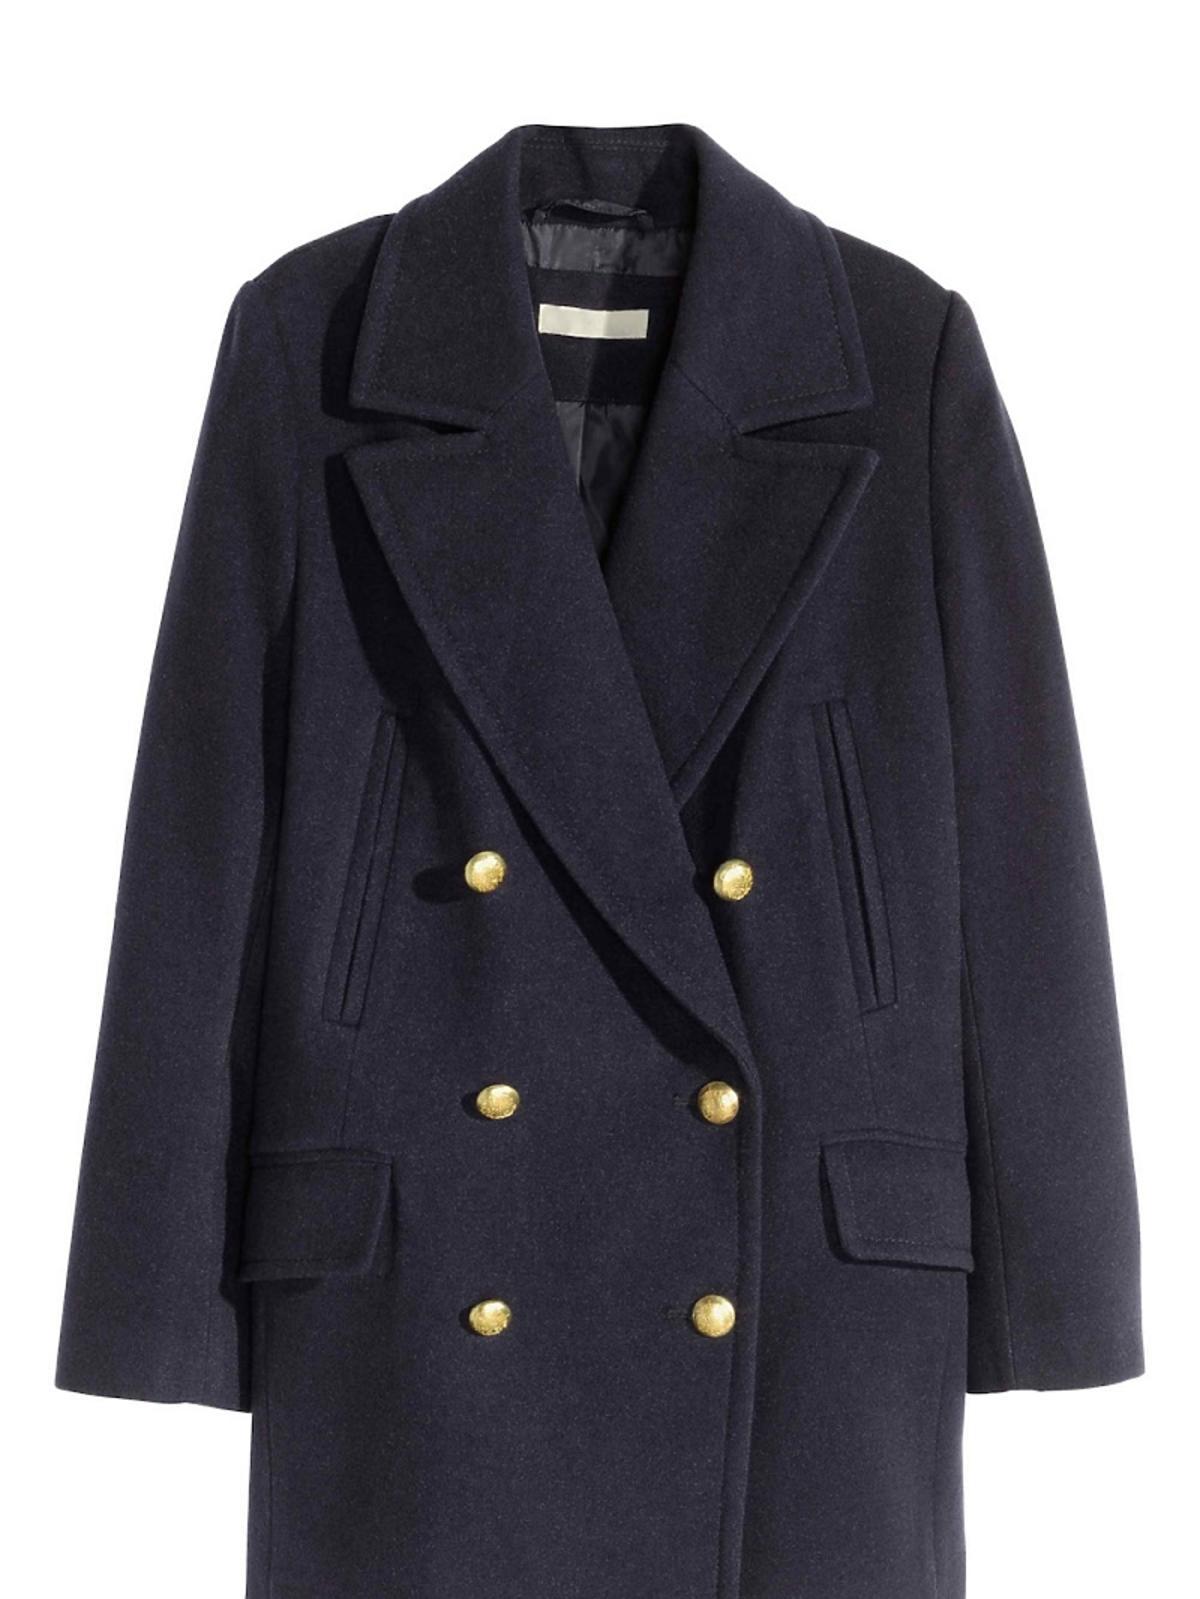 Czarny militarny płaszcz z guzikami